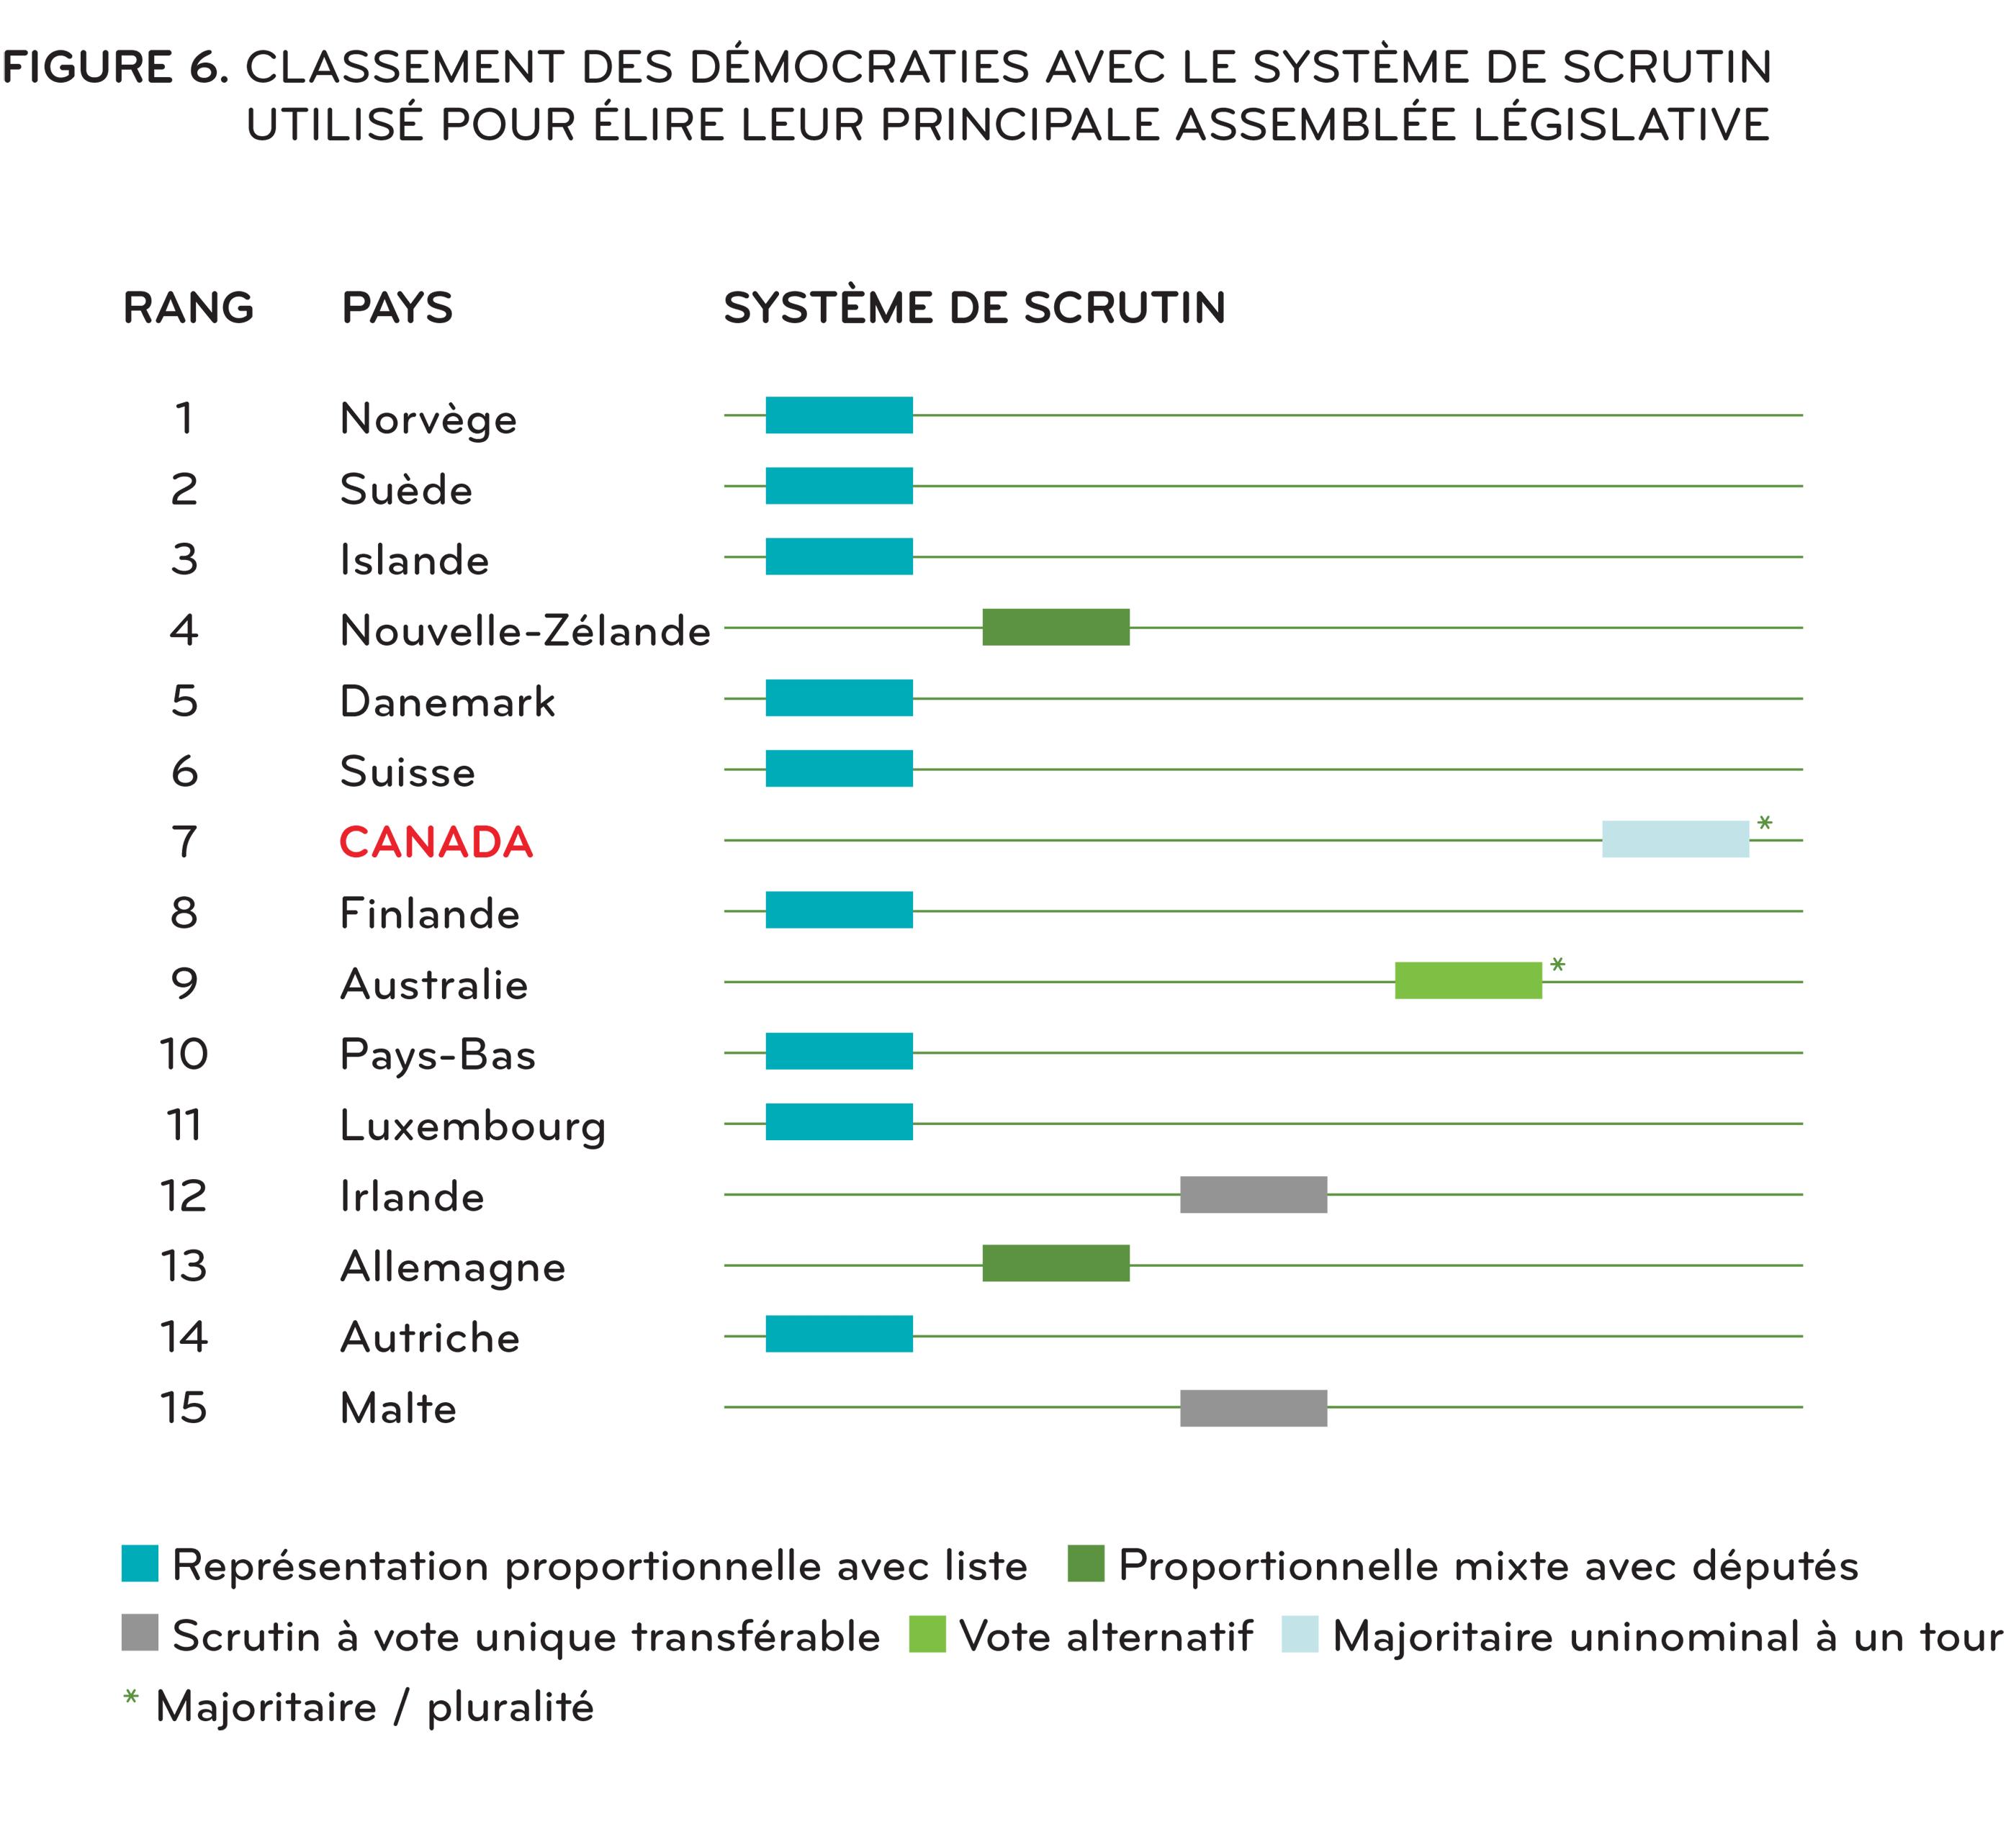 [ Figure 6: Classement des démocraties et des systèmes électoraux utilisés pour élire la 1ère chambre du pays ]